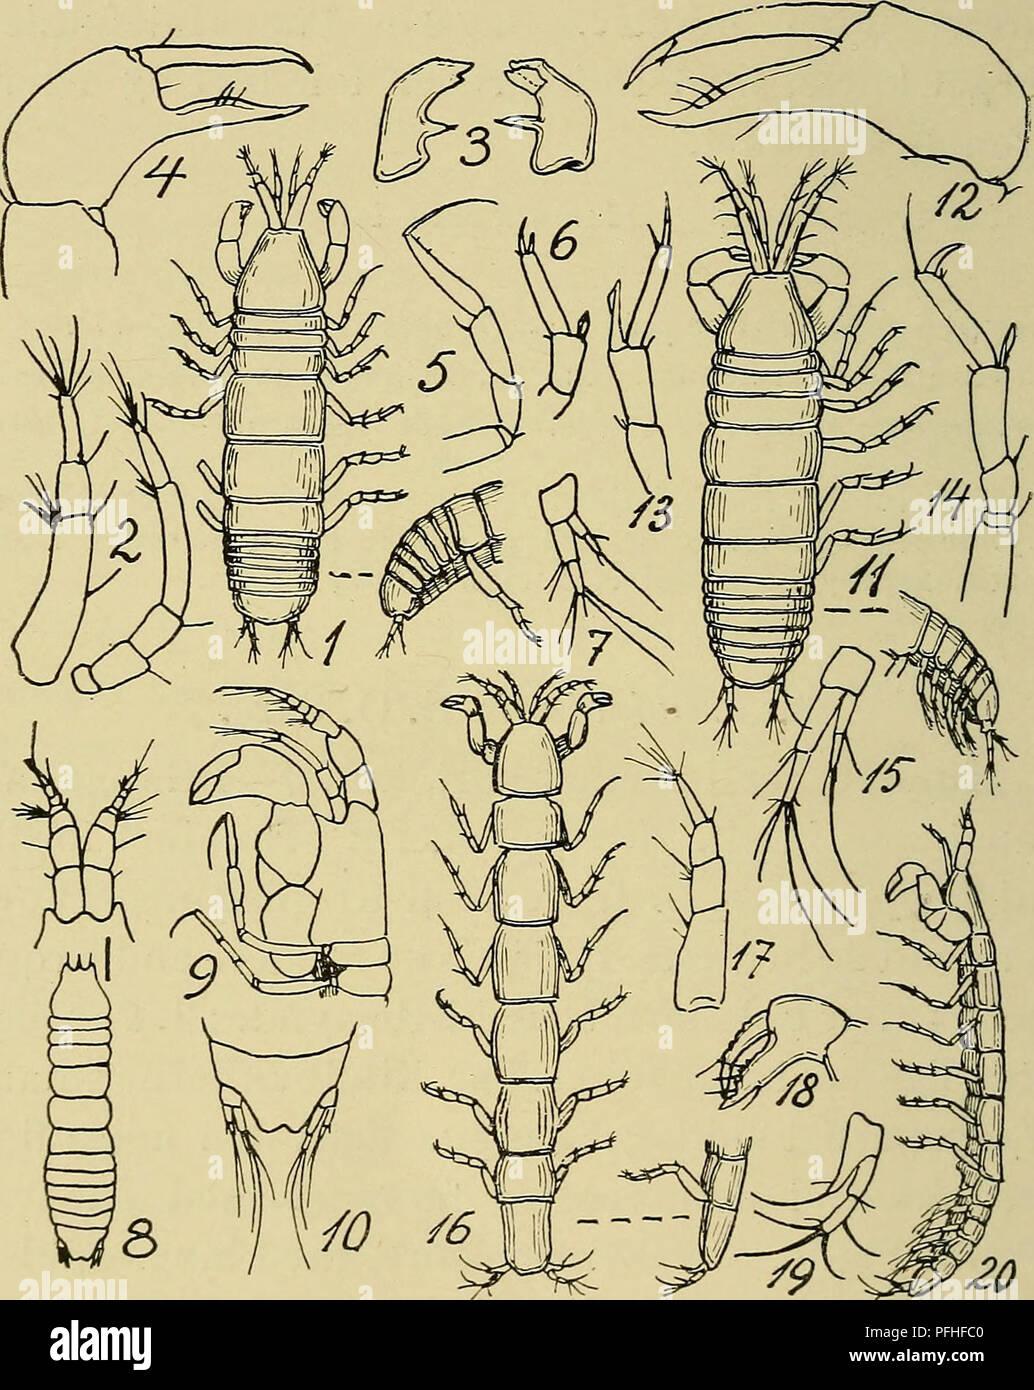 47c9a618e7d Danmarks fauna; illustrerede haandbøger over den danske dyreverden... 178  fødder mangler .